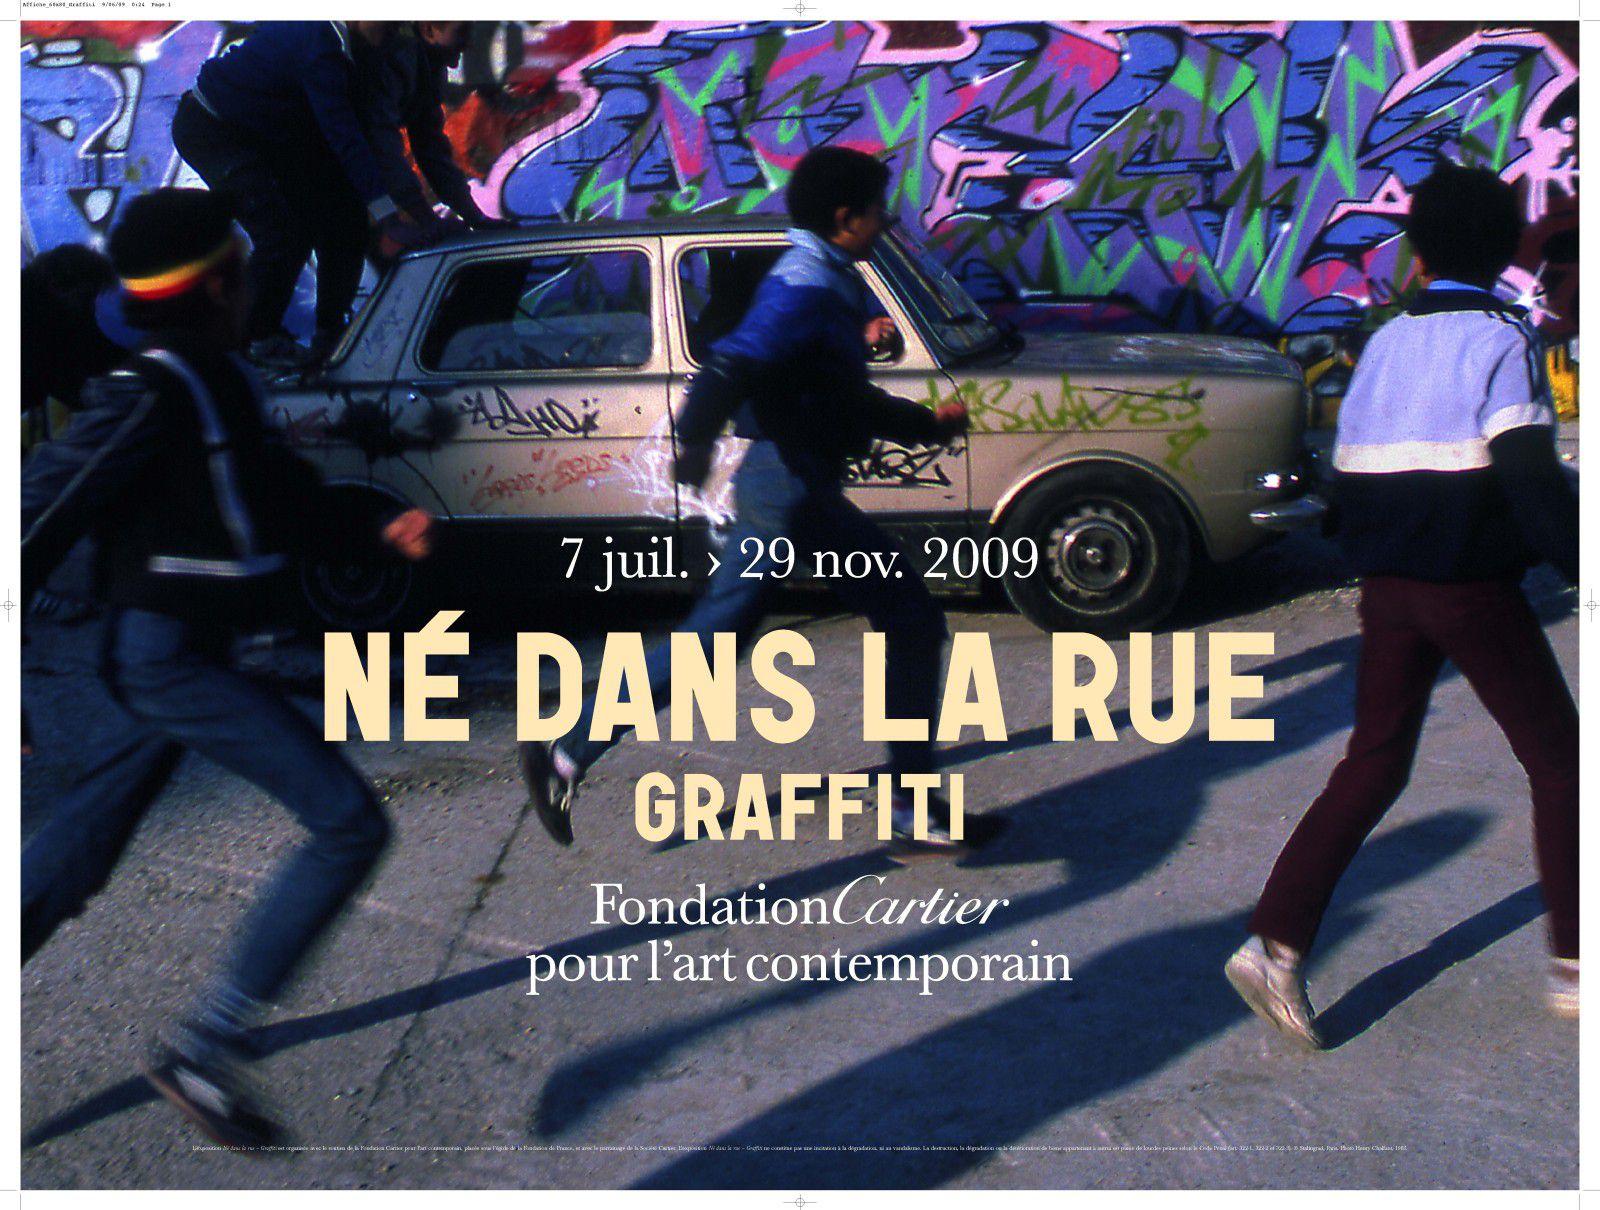 Nés dans la rue - Graffiti à la fondation Cartier